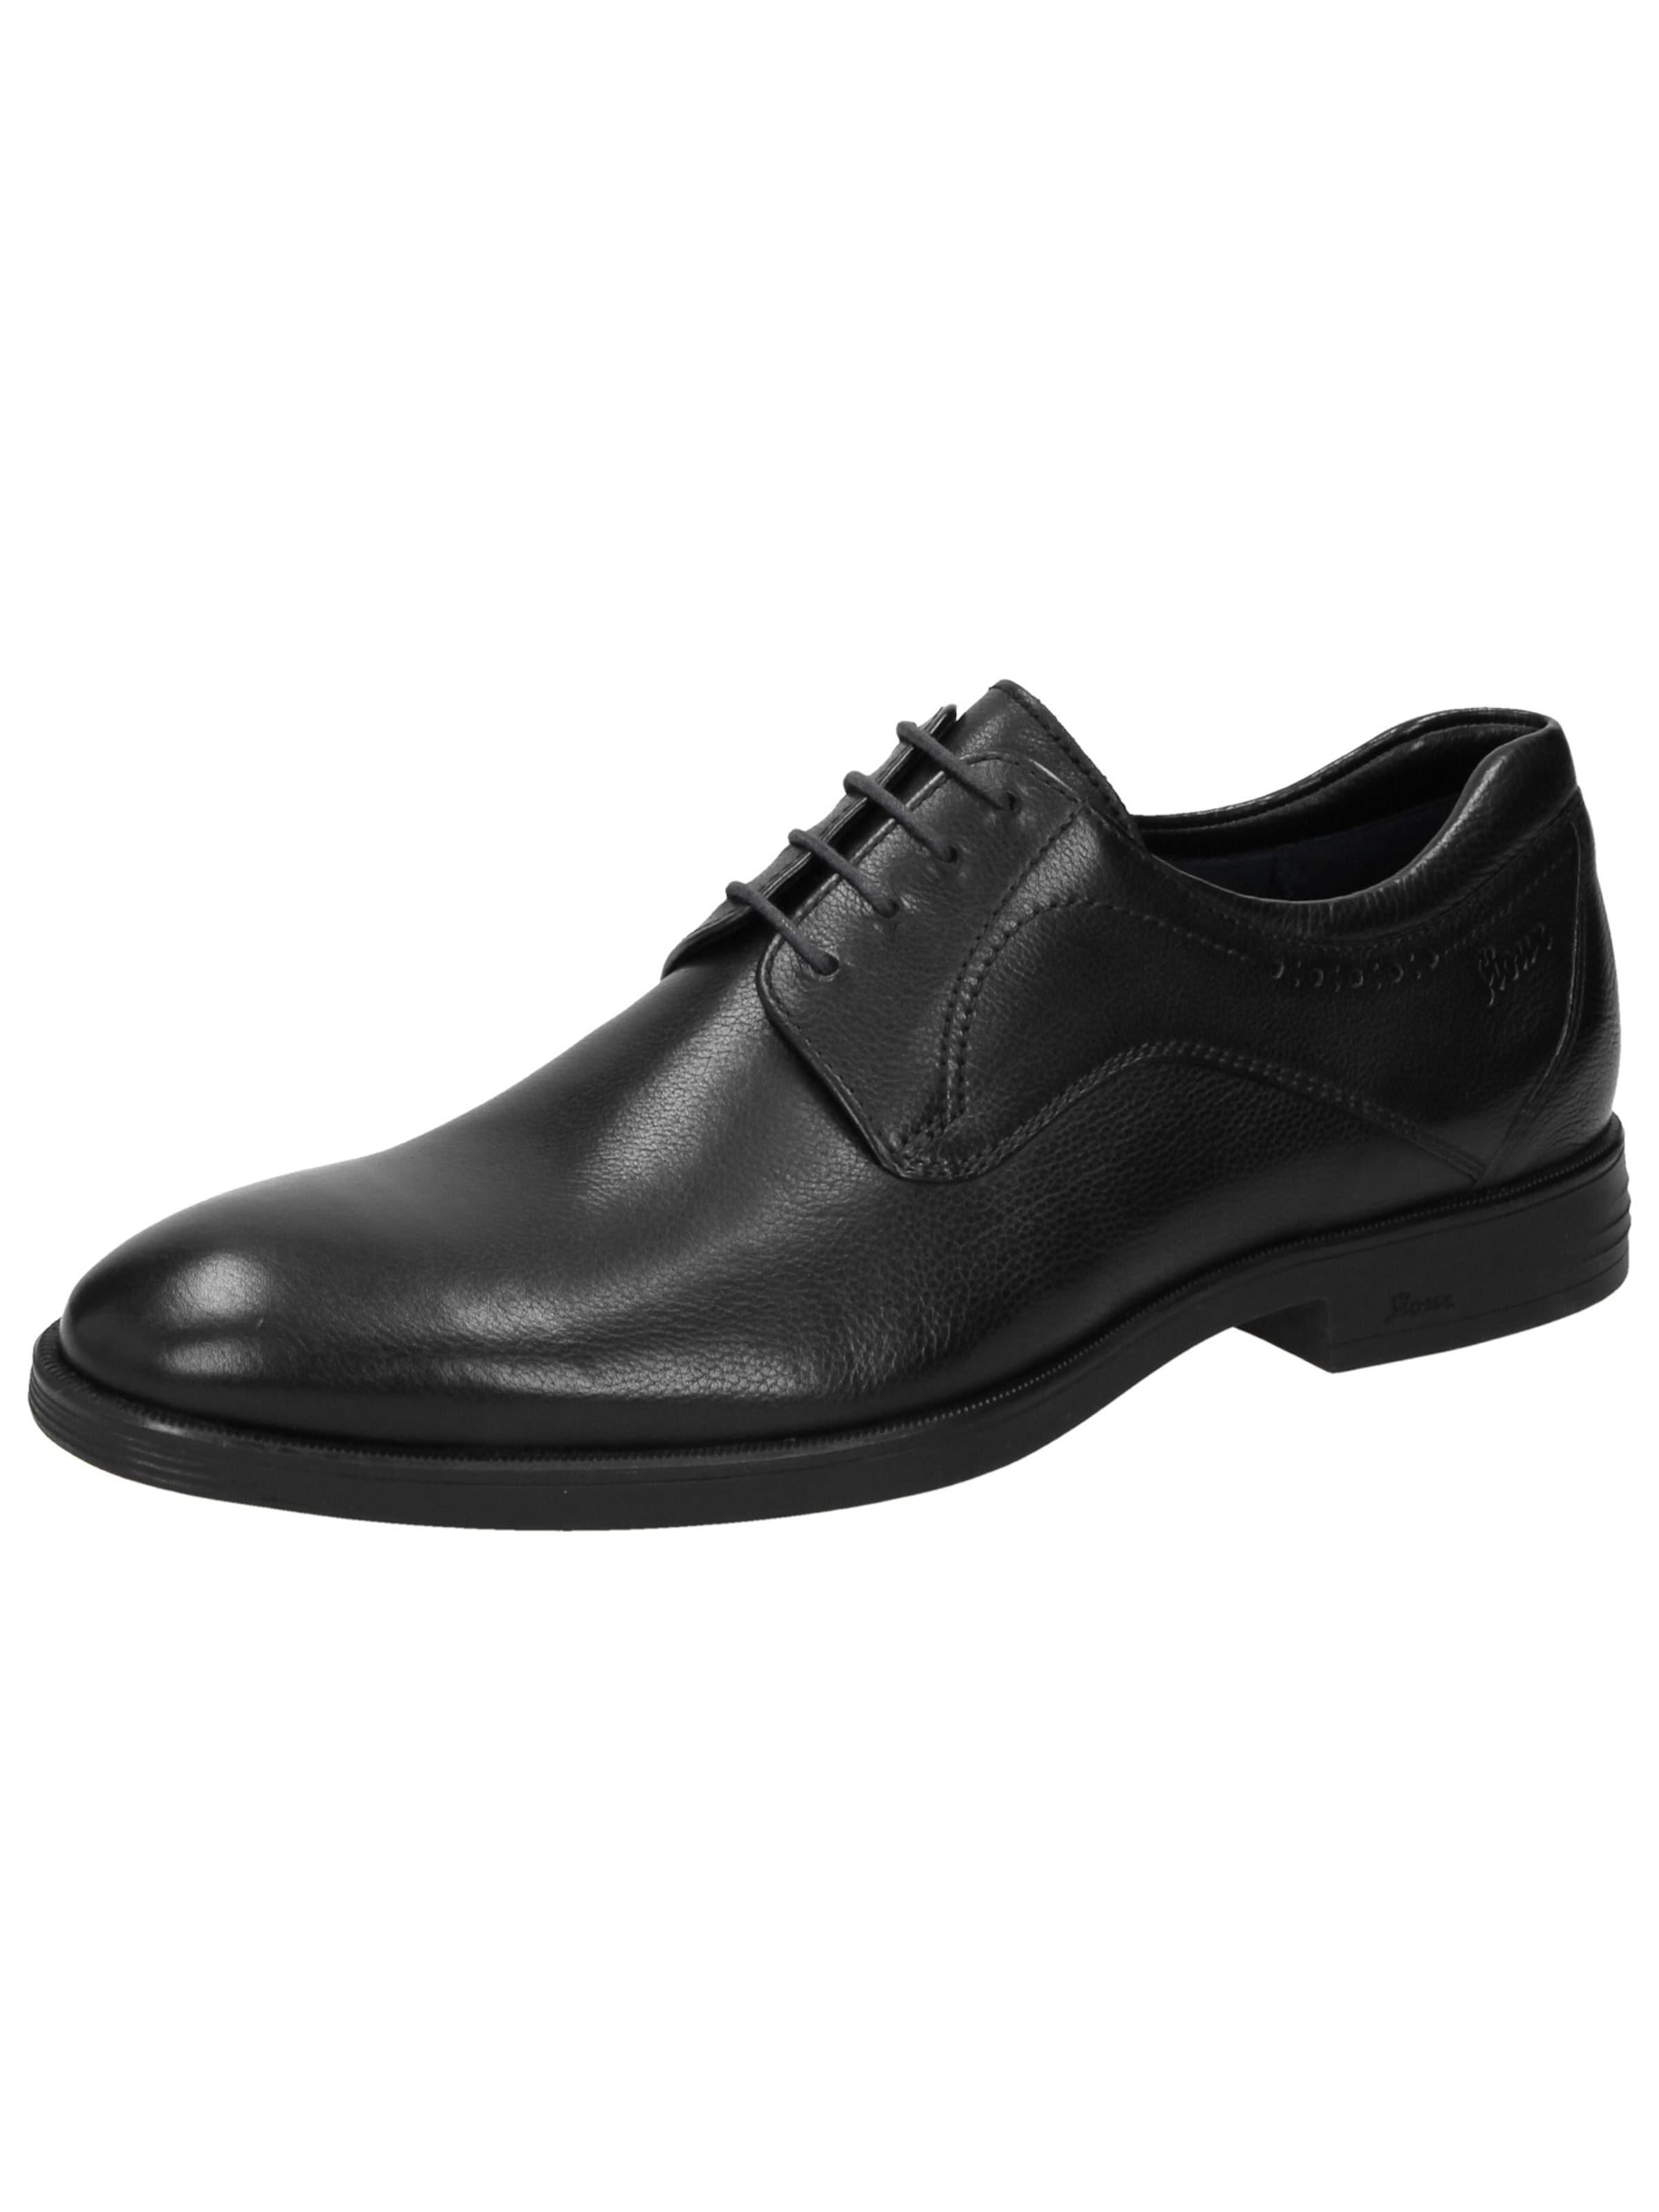 SIOUX Schnürschuh Forello-XL Verschleißfeste billige Schuhe